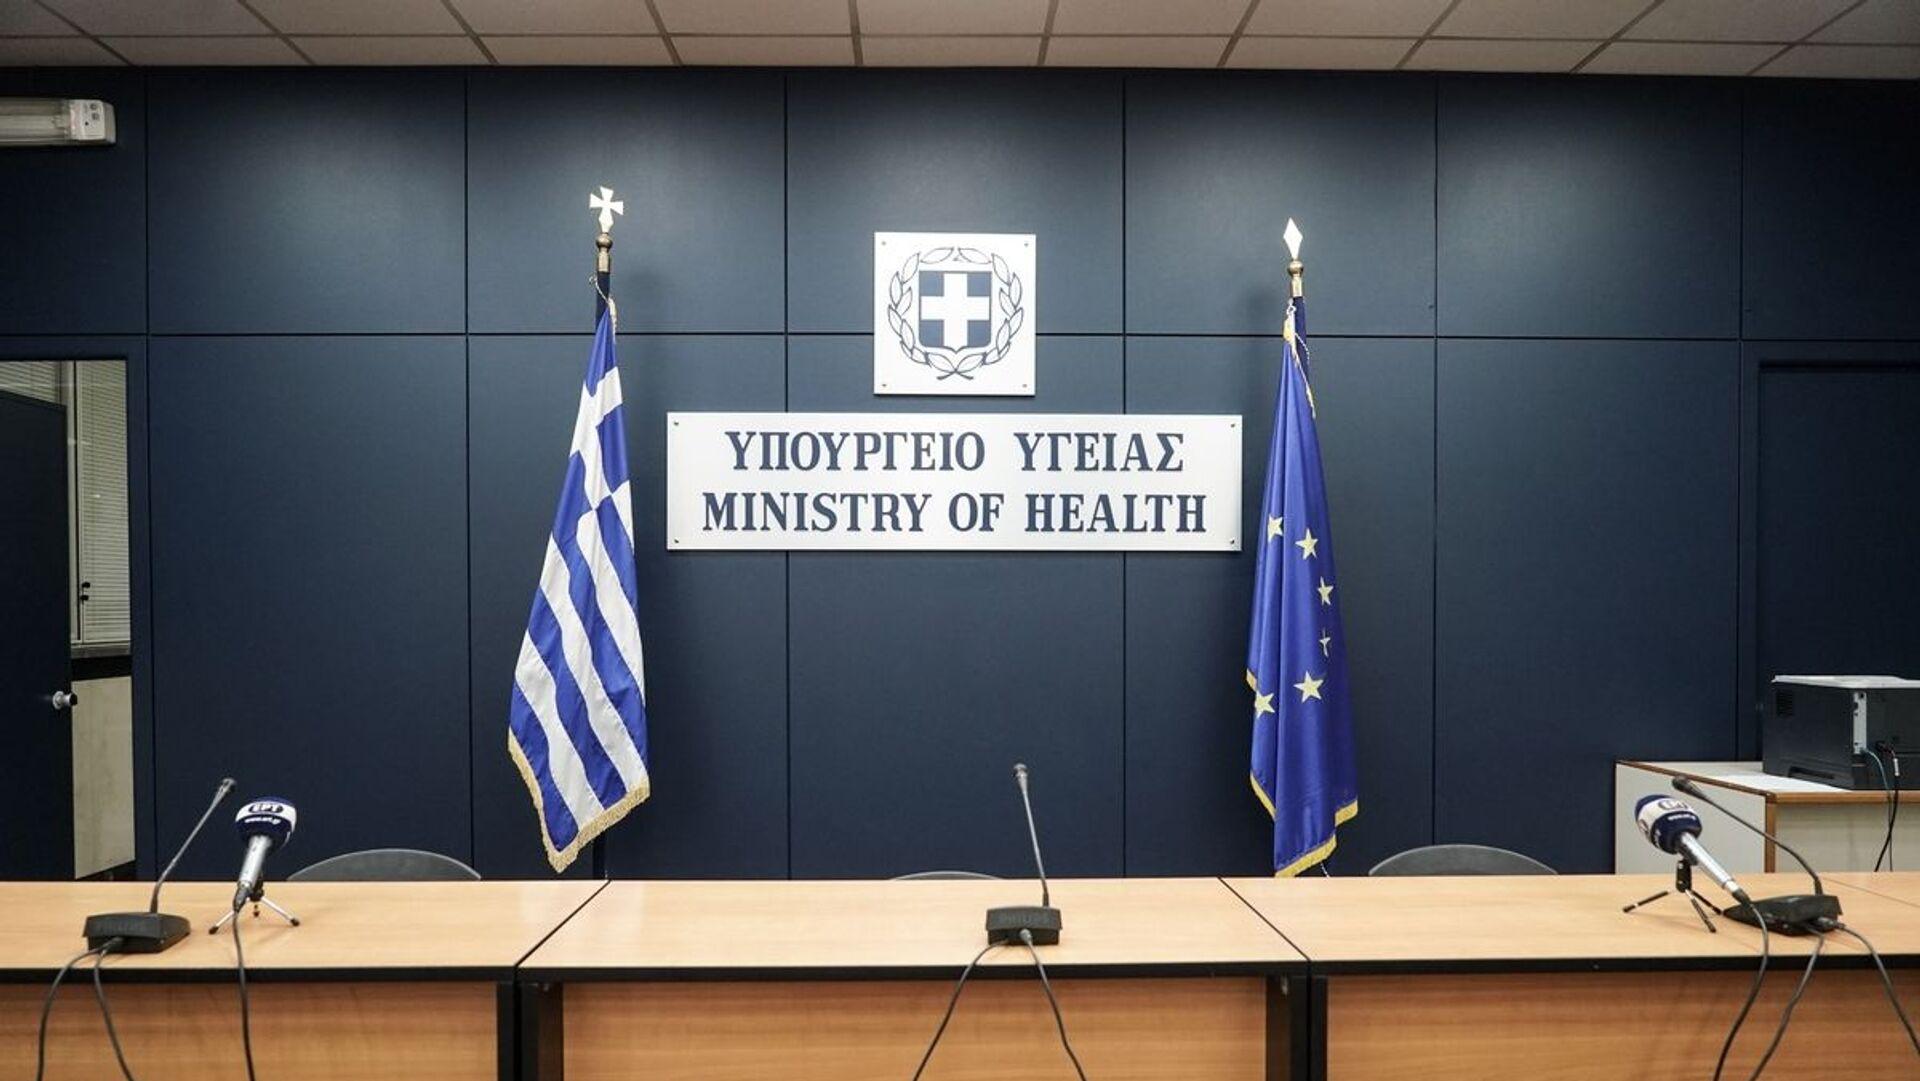 Ενημέρωση για τον κορονοϊό στο υπουργείο Υγείας - Sputnik Ελλάδα, 1920, 07.10.2021